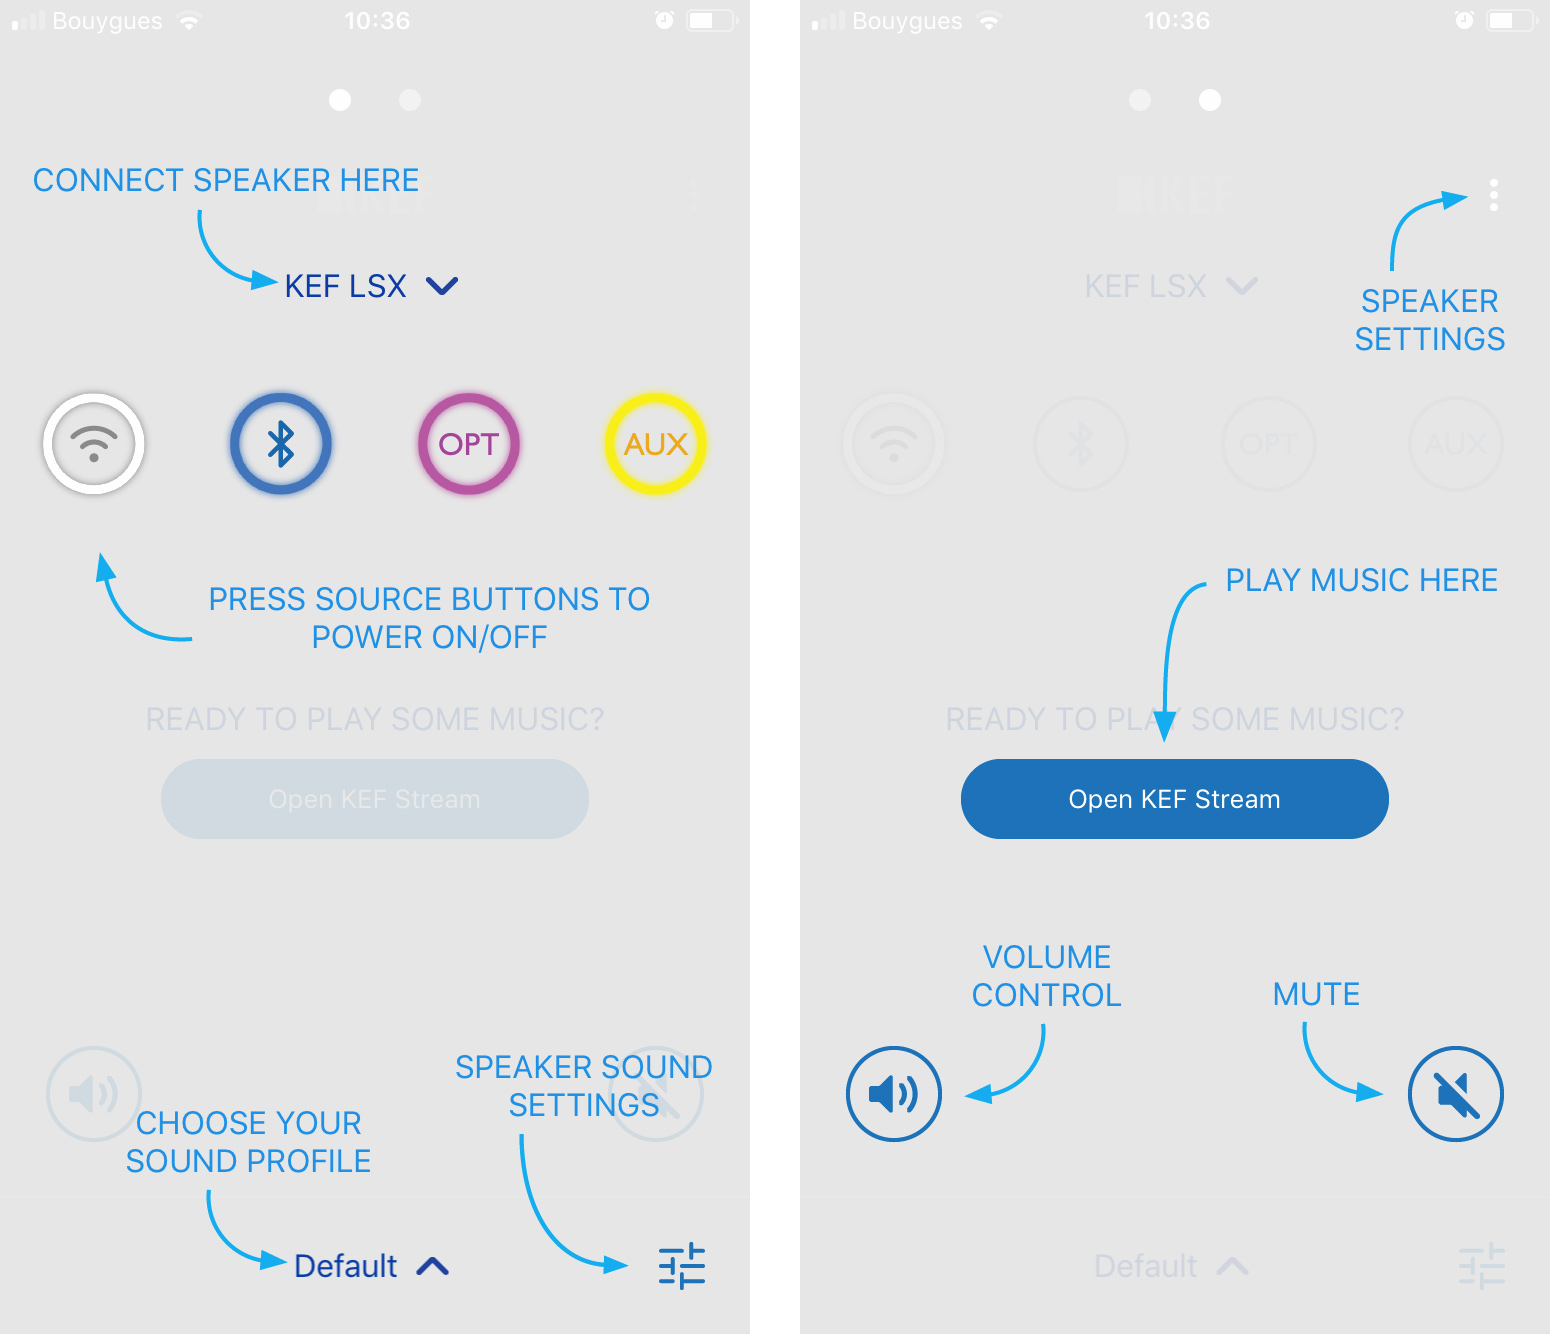 L'application Kef Control permet principalement de passer d'une source à une autre, de régler le volume et d'accéder aux profils d'écoute.